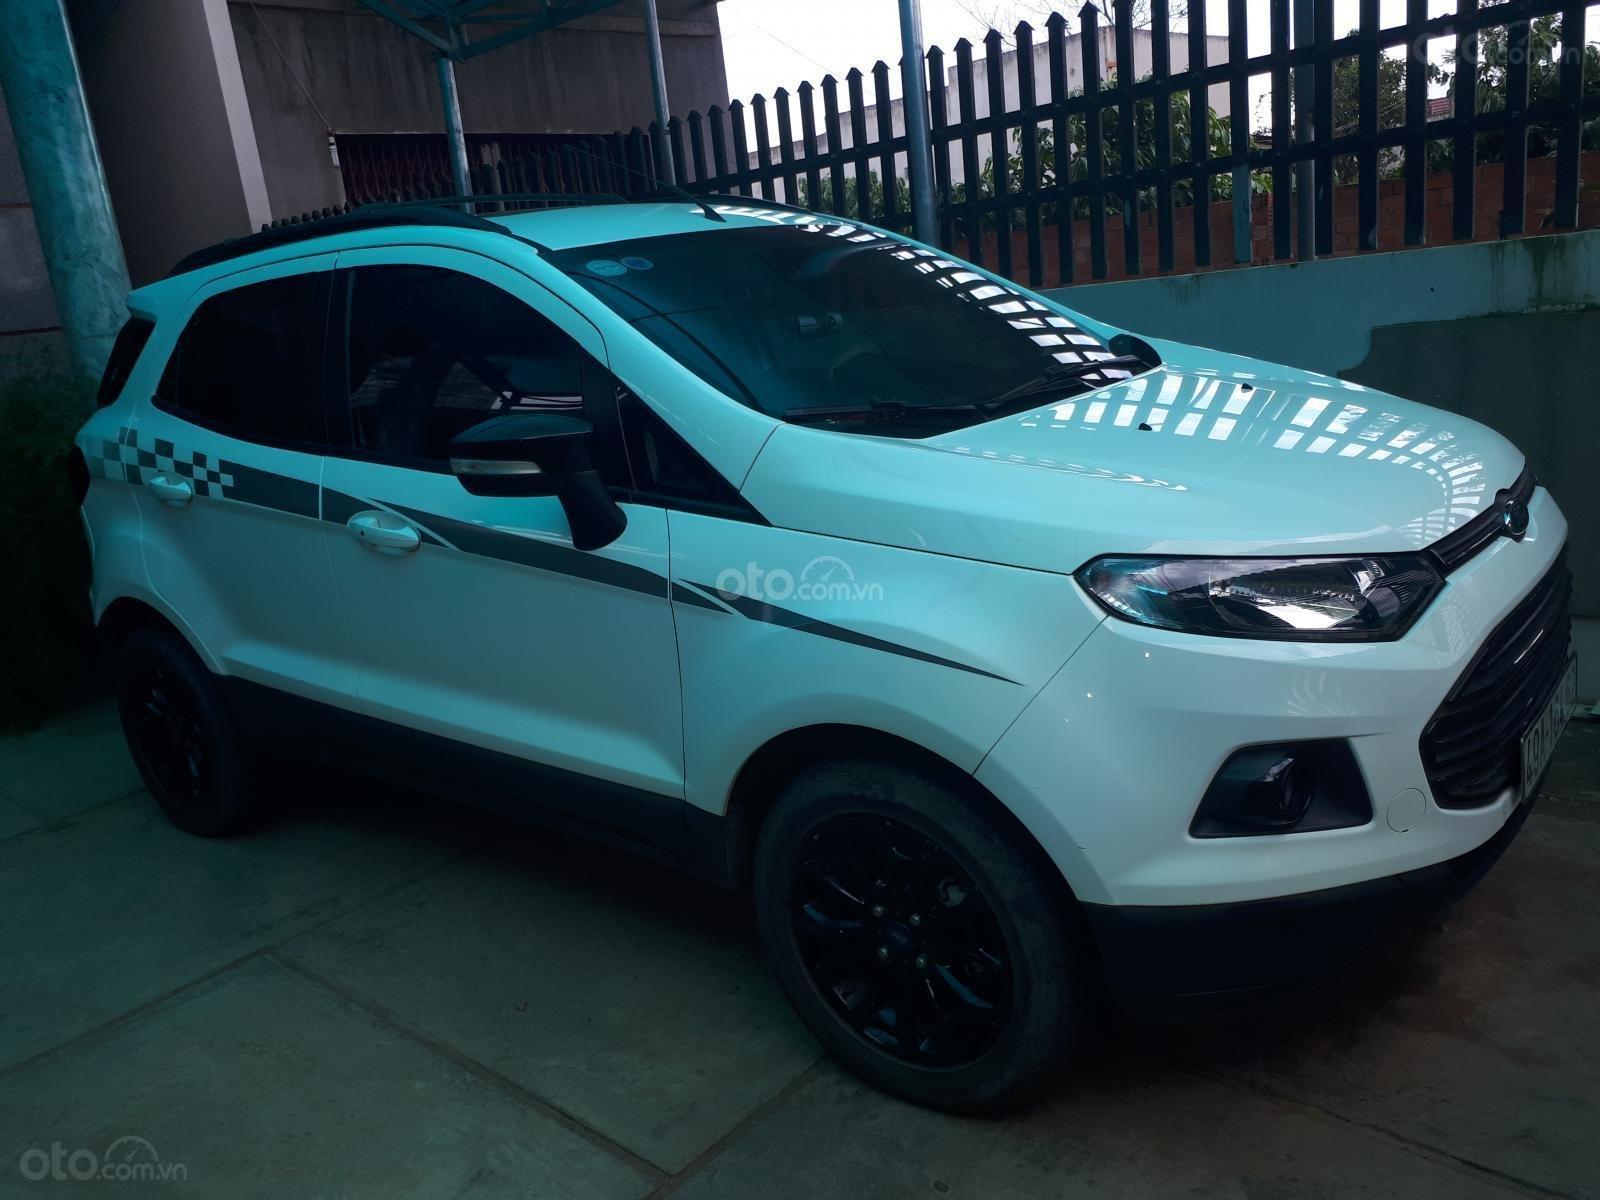 Bán Ford Ecosport Titanium đời 2017, màu trắng, giá 570tr (1)